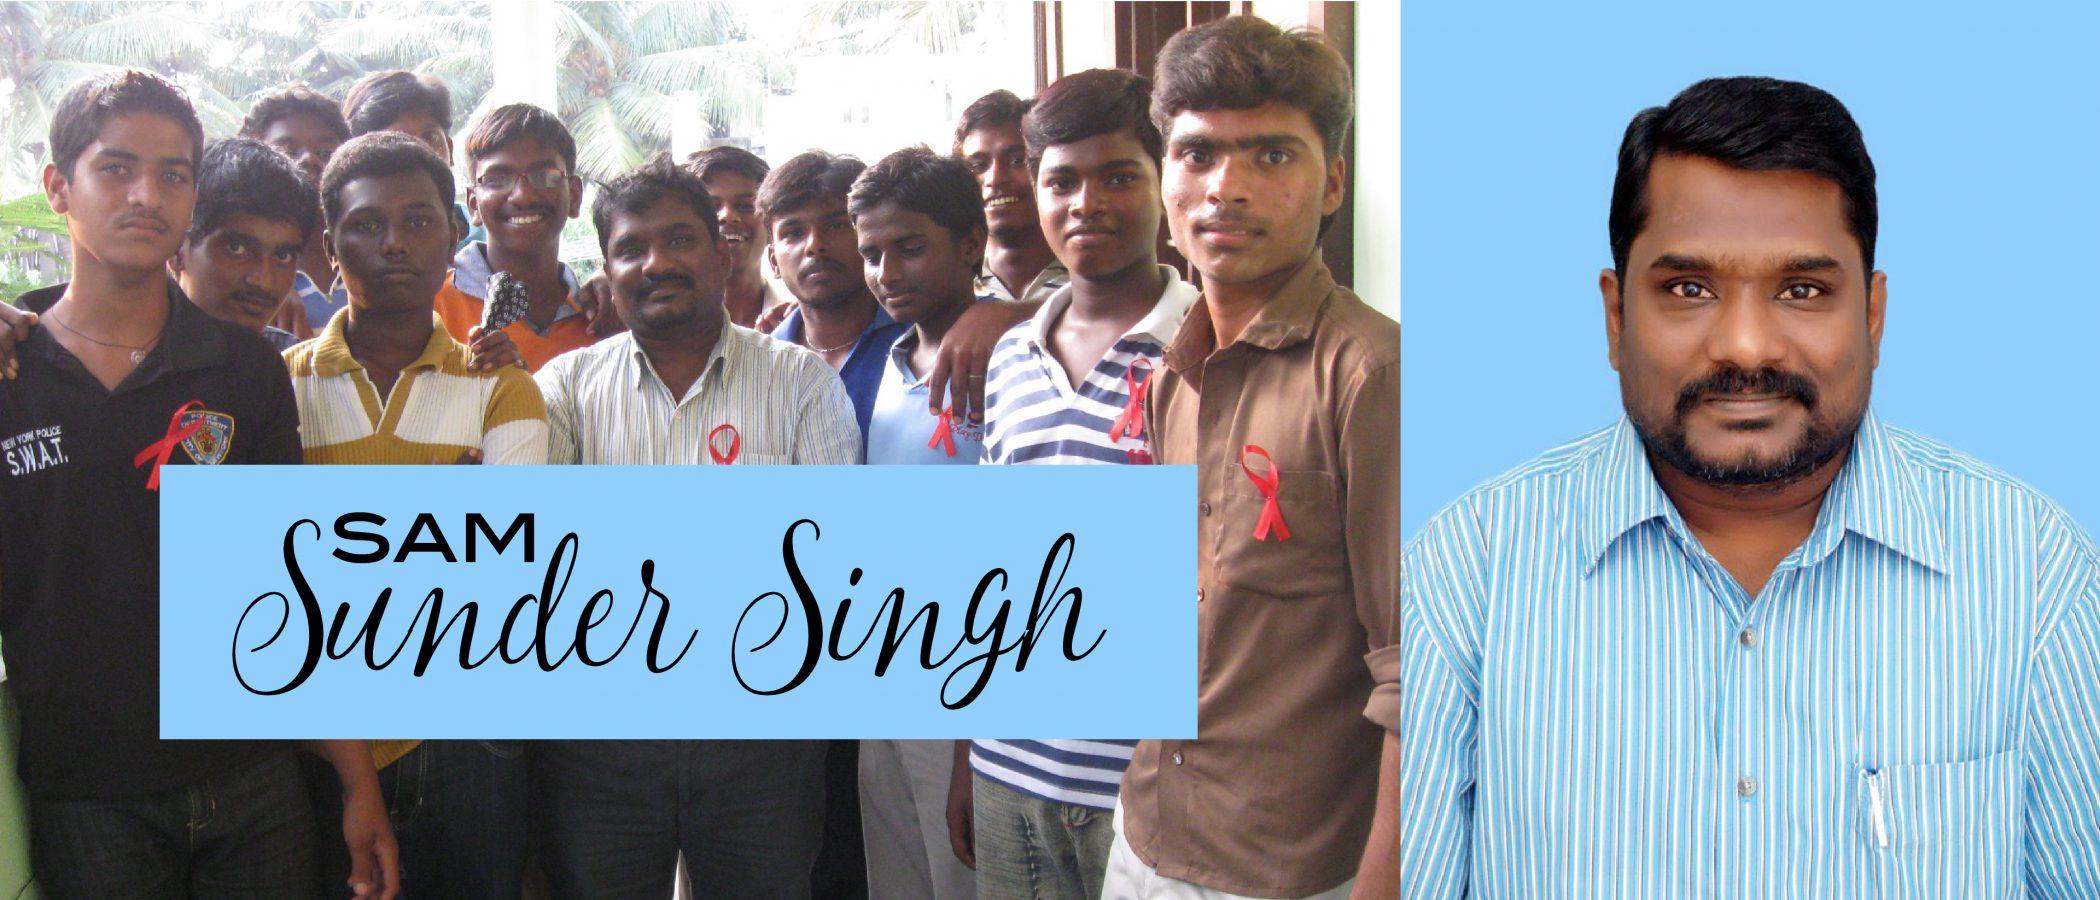 sam-sunder-singh-11brd-dq2021-web-banner2x-100